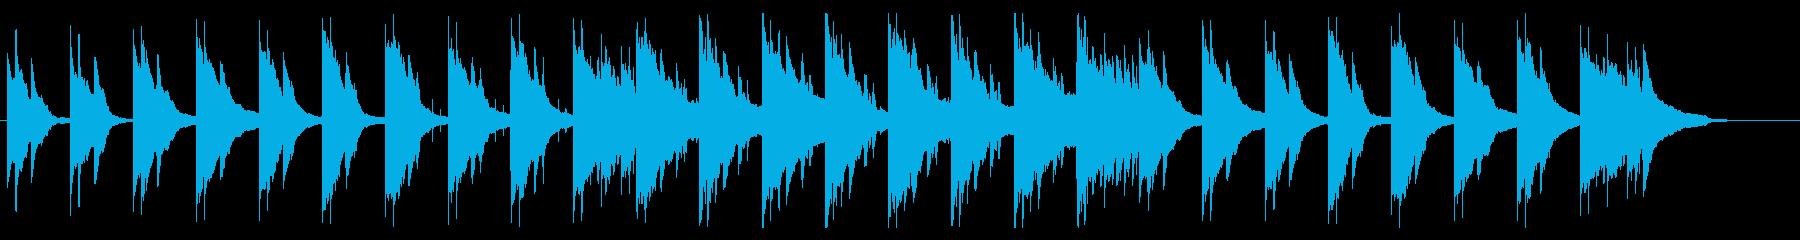 切ないピアノとヴァイオリンの再生済みの波形